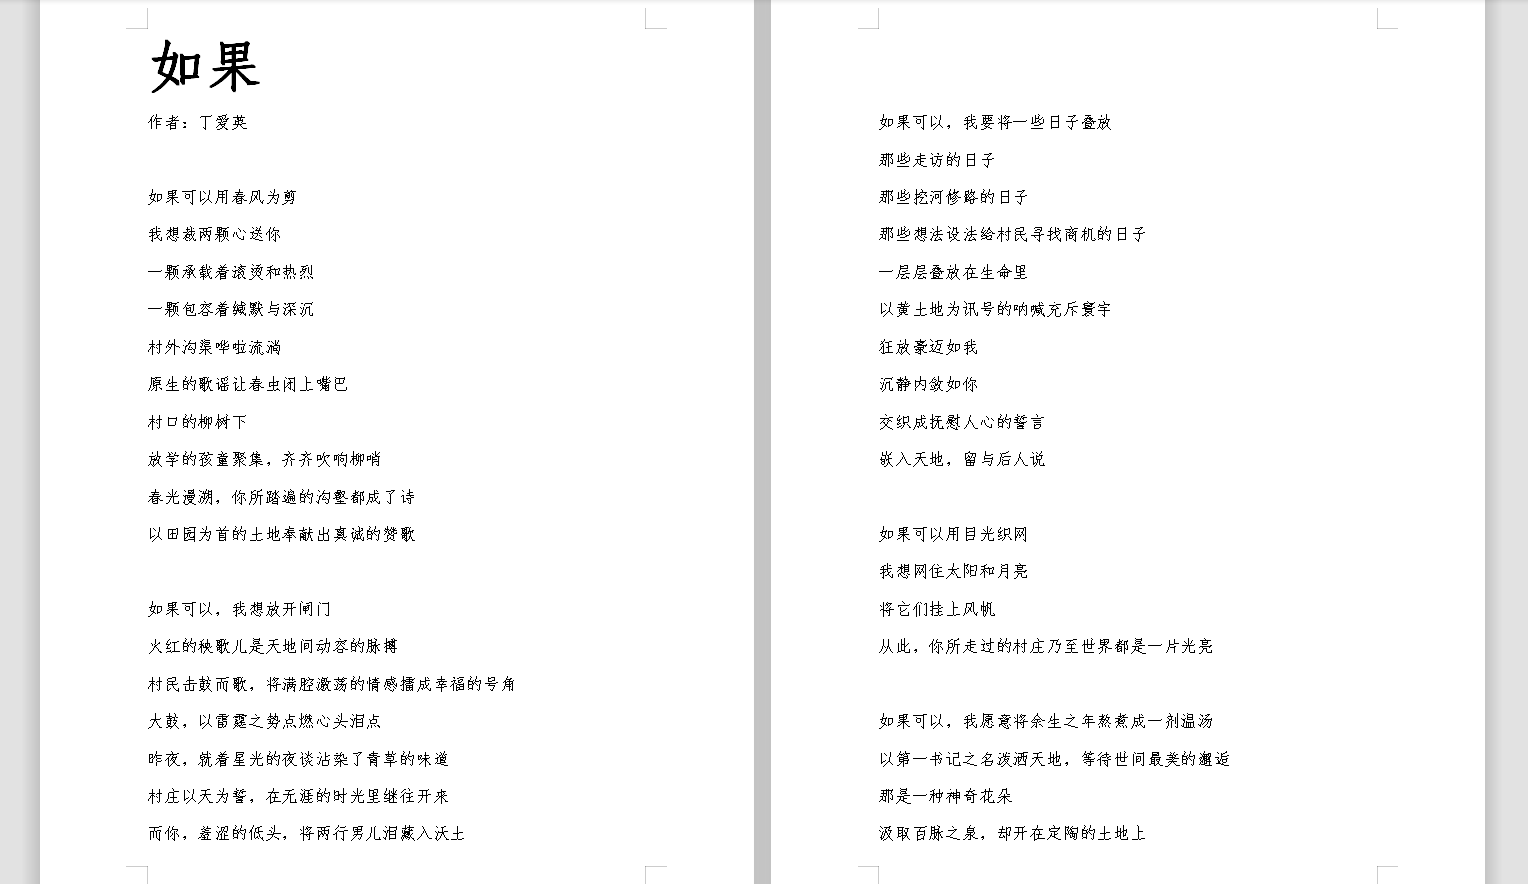 写下歌与诗 赠给辛劳的第一书记